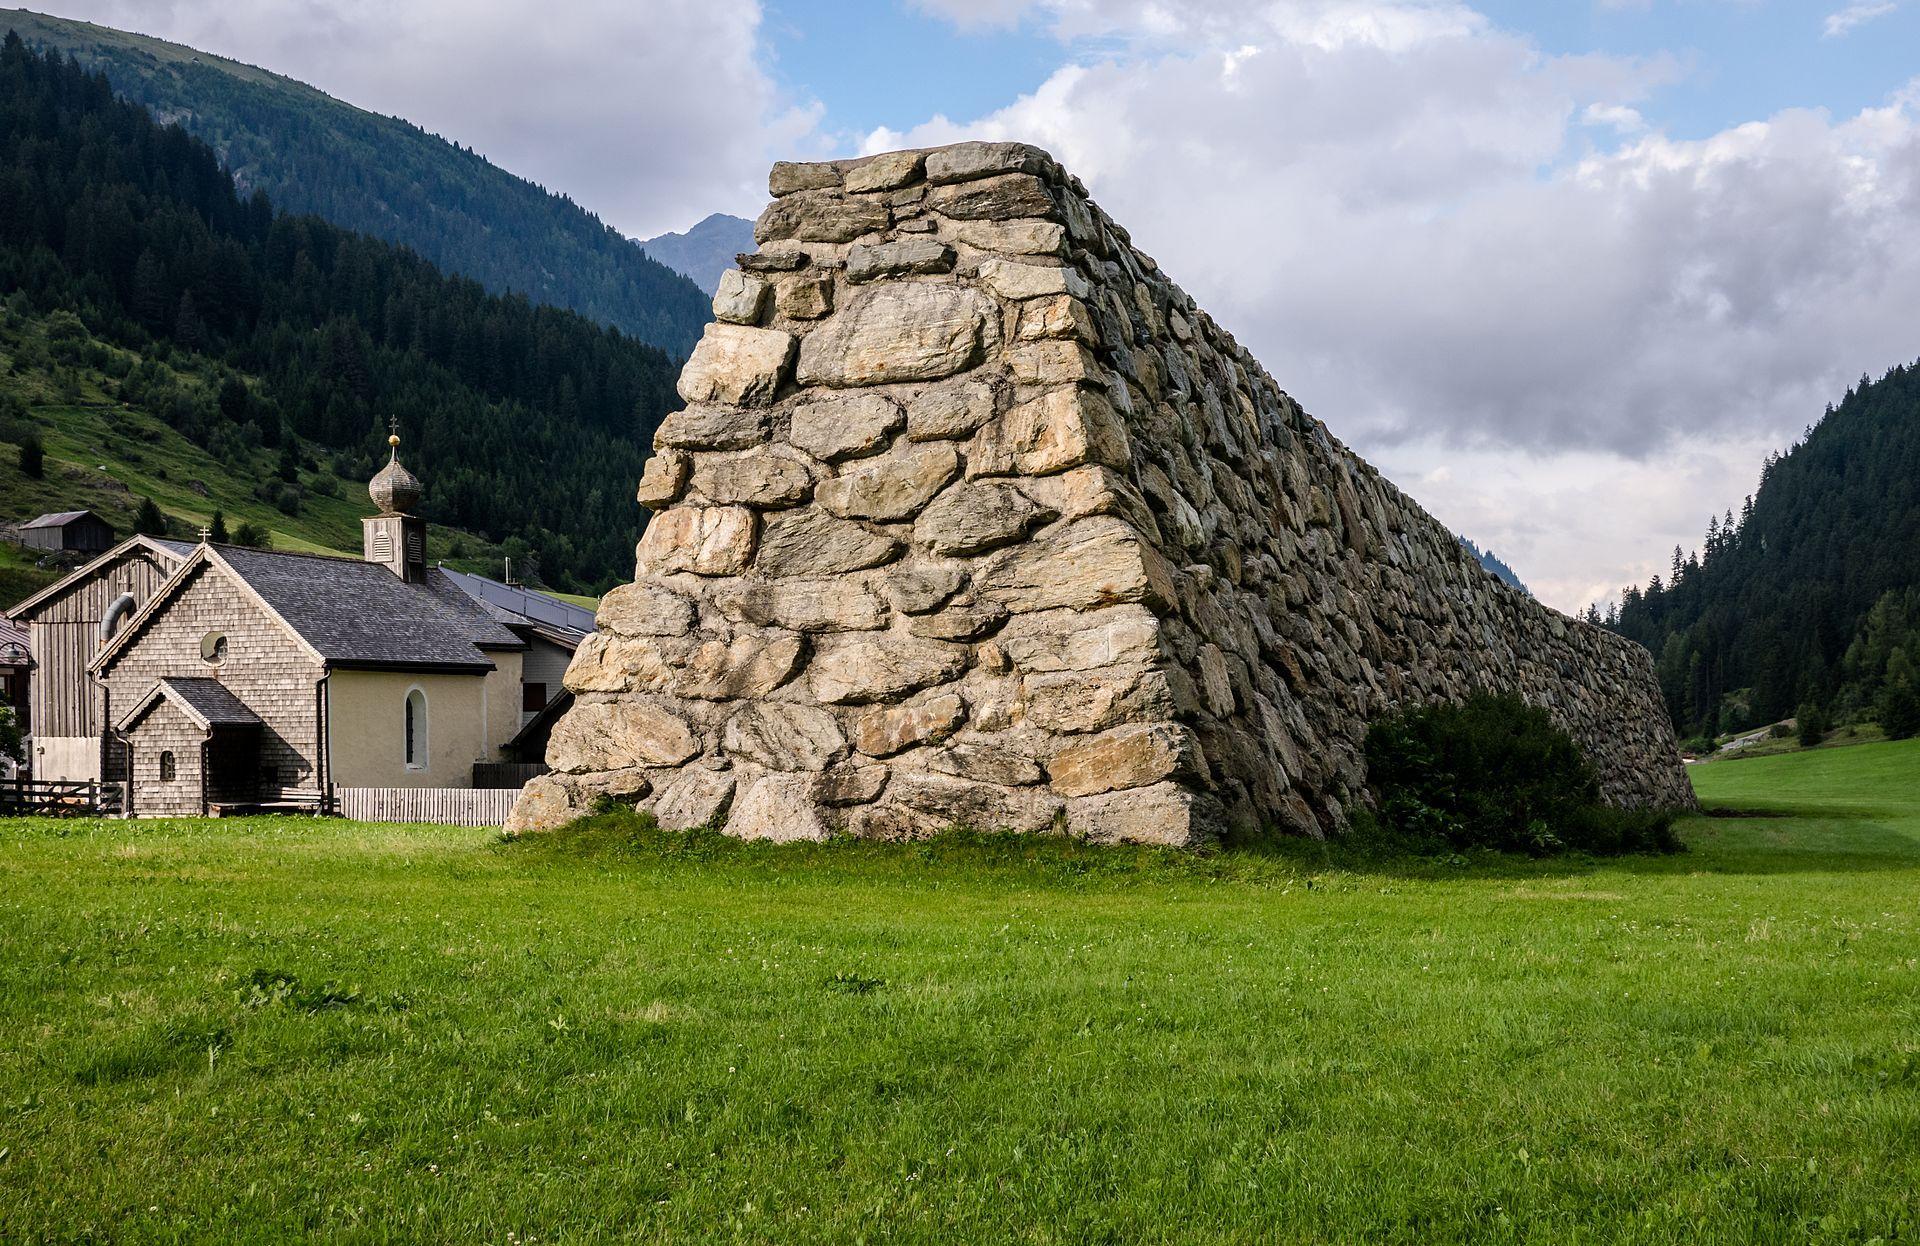 Предпазна каменна стена срещу лавини е издигната след инцидента